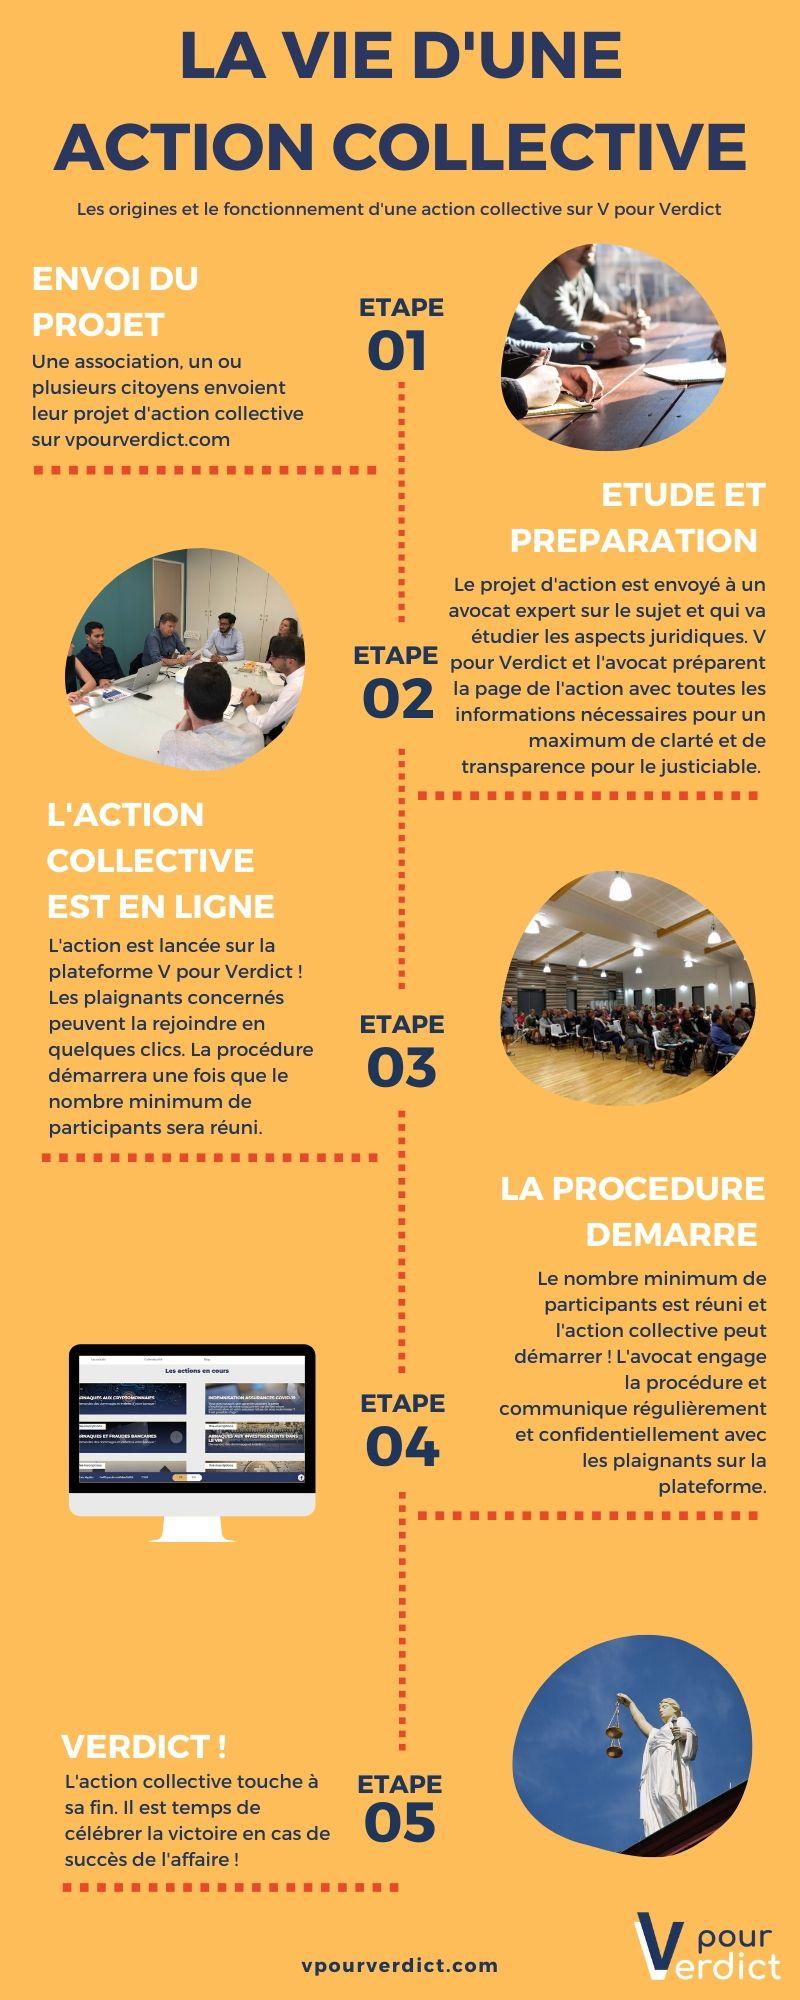 infographie action collective v pour verdict